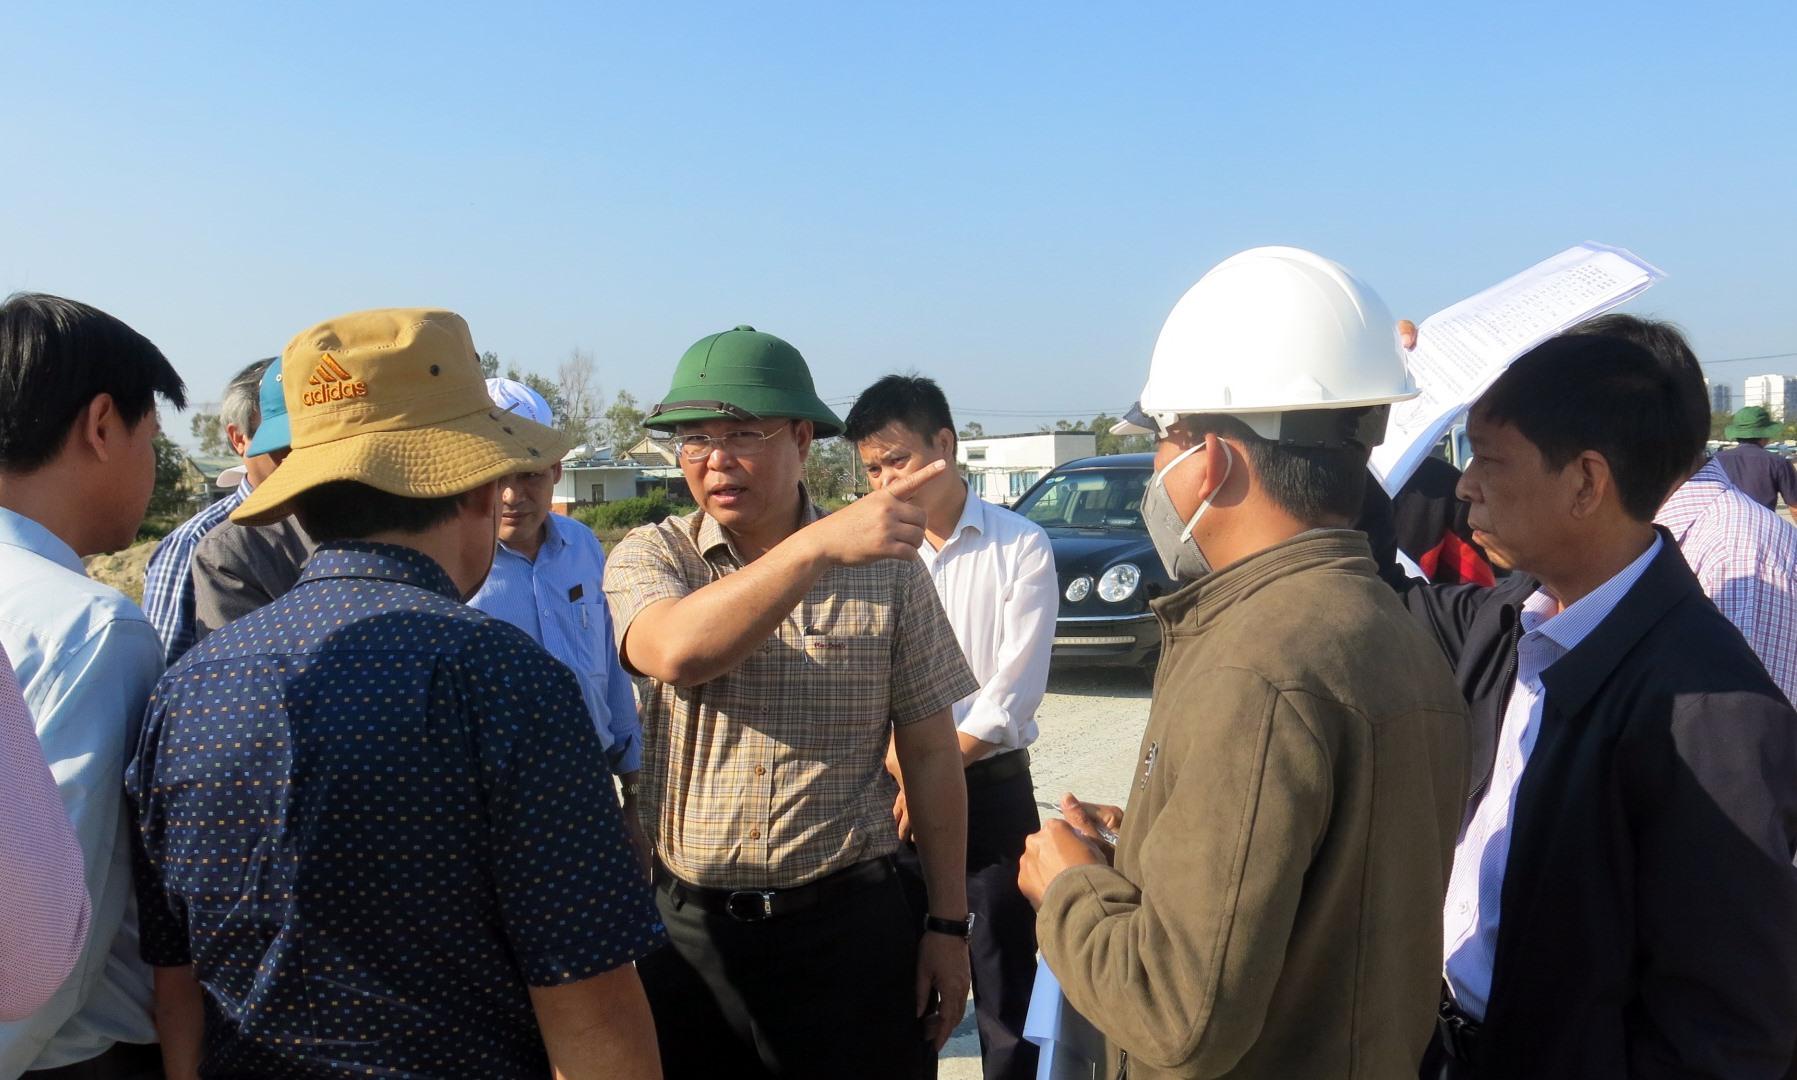 Chủ tịch UBND tỉnh Lê Trí Thanh kiểm tra thực tế công tác giải phóng mặt bằng, tái định cư tại vùng Đông. Ảnh: T.D